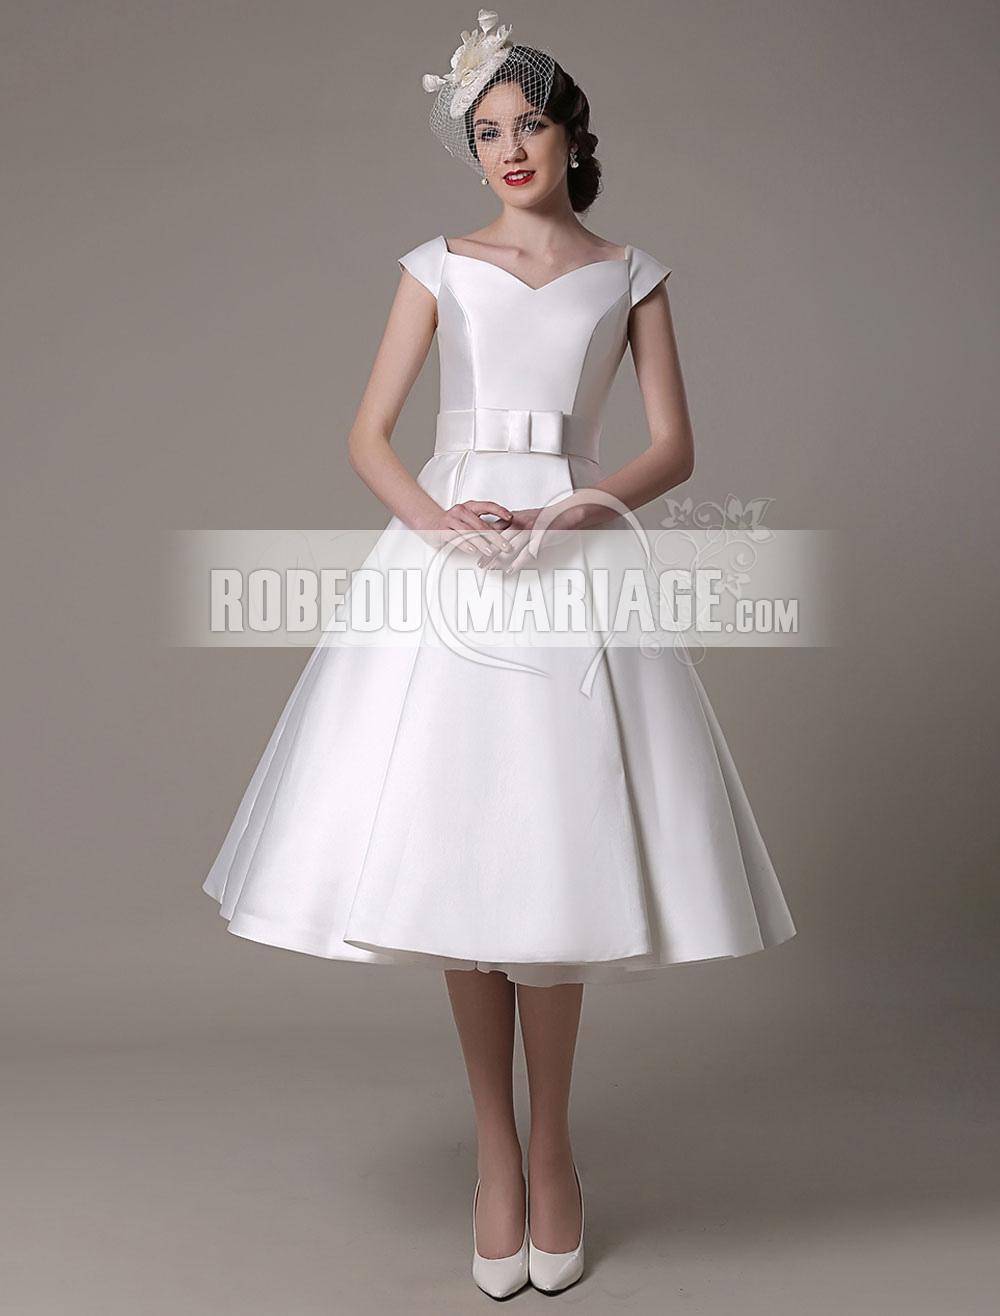 Accueil > Robe de mariage > Robe de mariée civile > Col en V robe de...